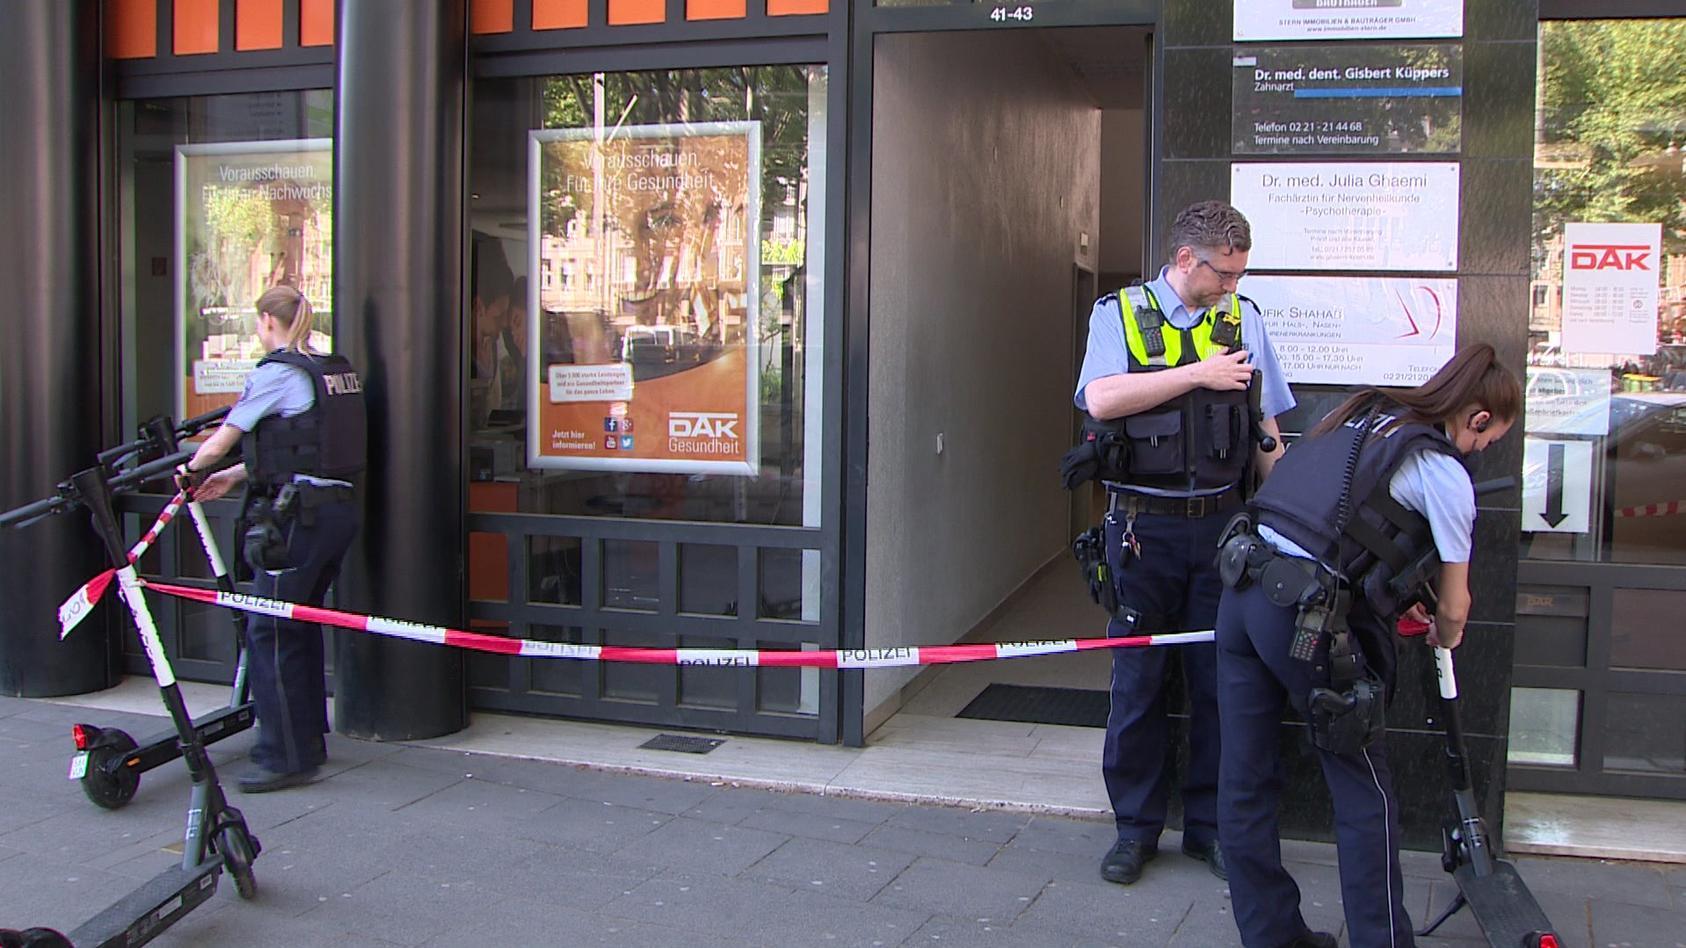 Schüsse in Kölner Arztpraxis: Am Neumarkt soll eine Frau mit einer Schreckschusspistole um sich geschossen haben.